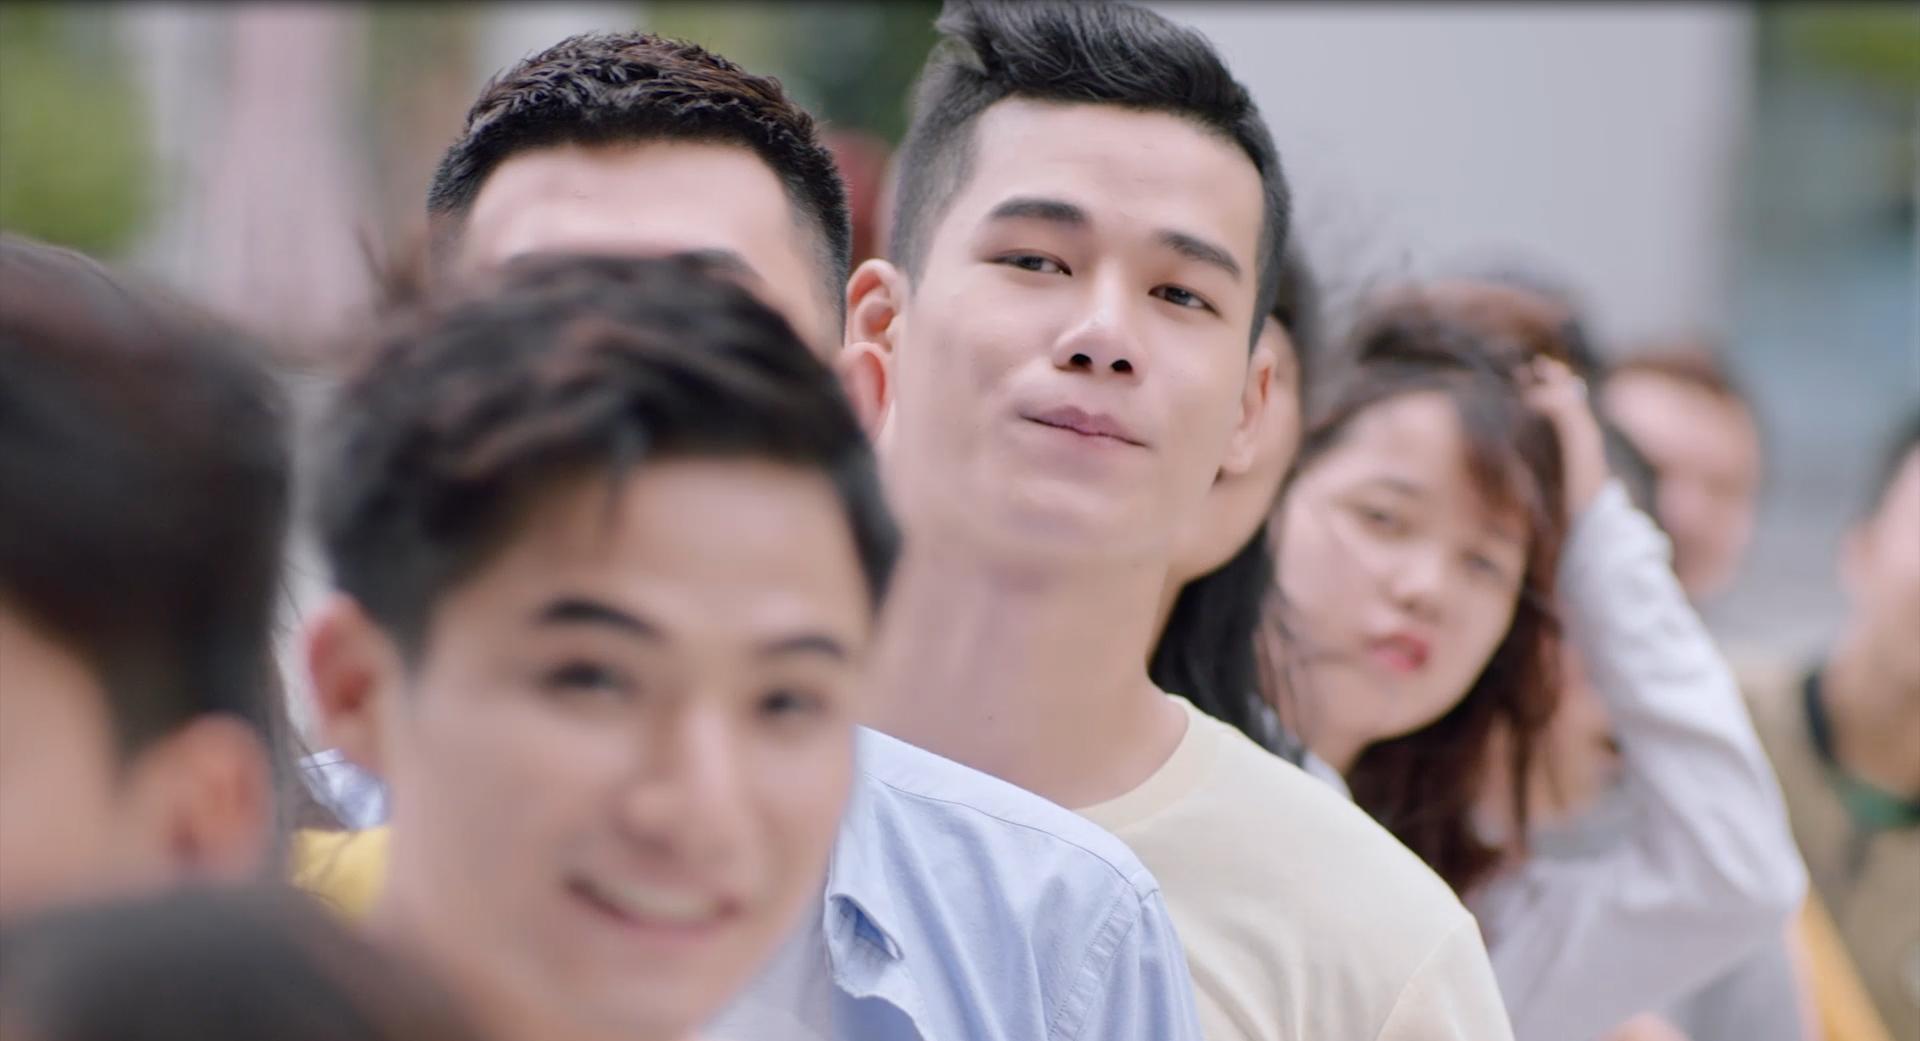 Fan trà sữa chú ý: Cuối tuần này sẽ có thương hiệu trà sữa đóng chai mới ra mắt thị trường Việt - Ảnh 2.